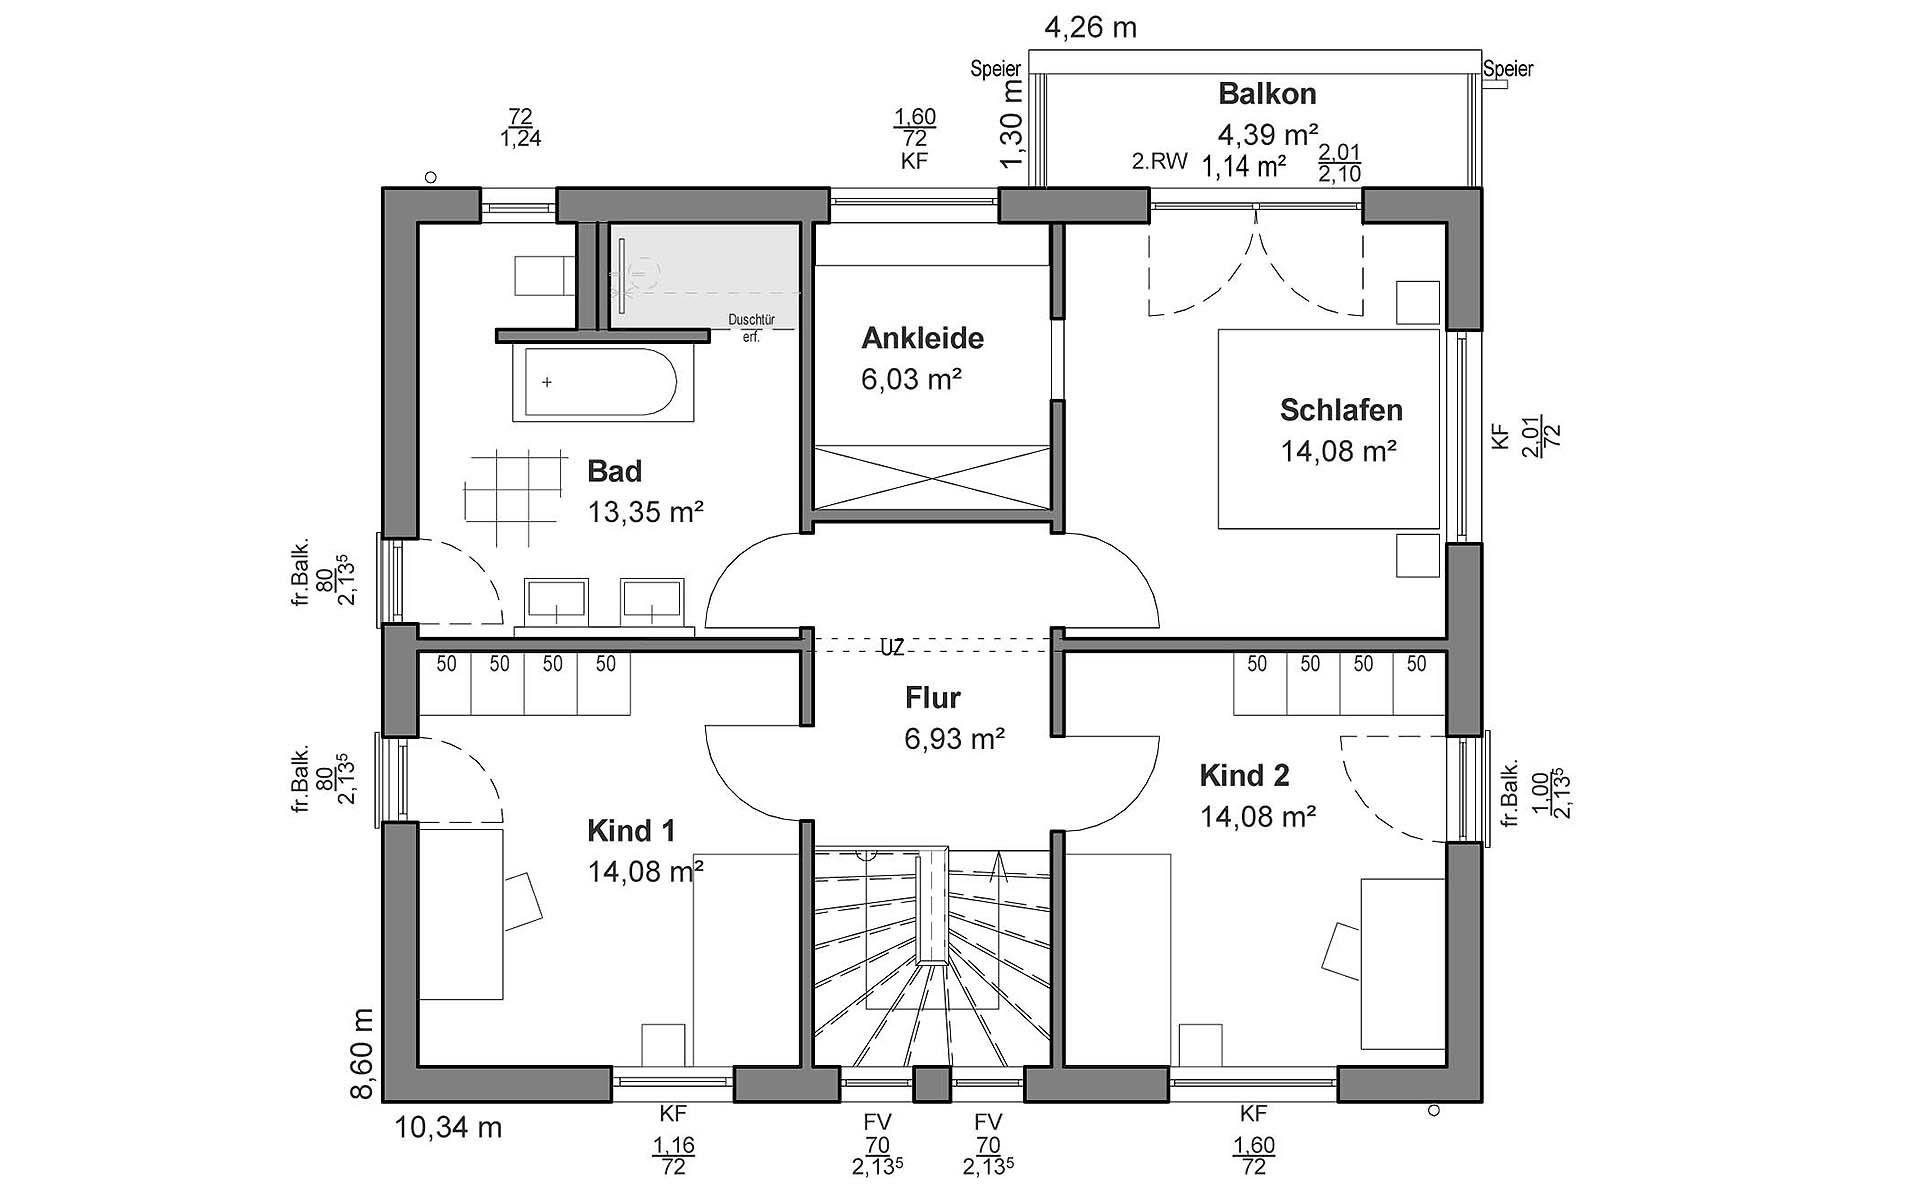 Obergeschoss Flachdach M von LUXHAUS Vertrieb GmbH & Co. KG